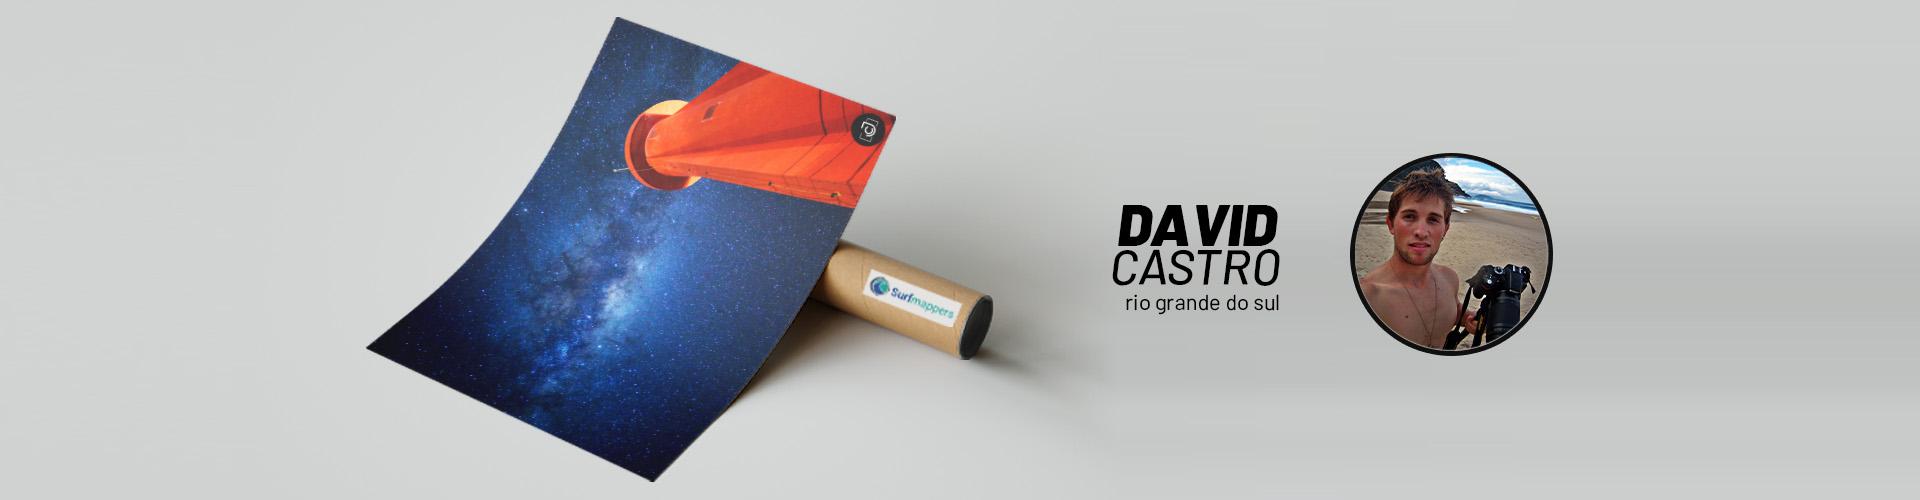 Página Artista | David Castro